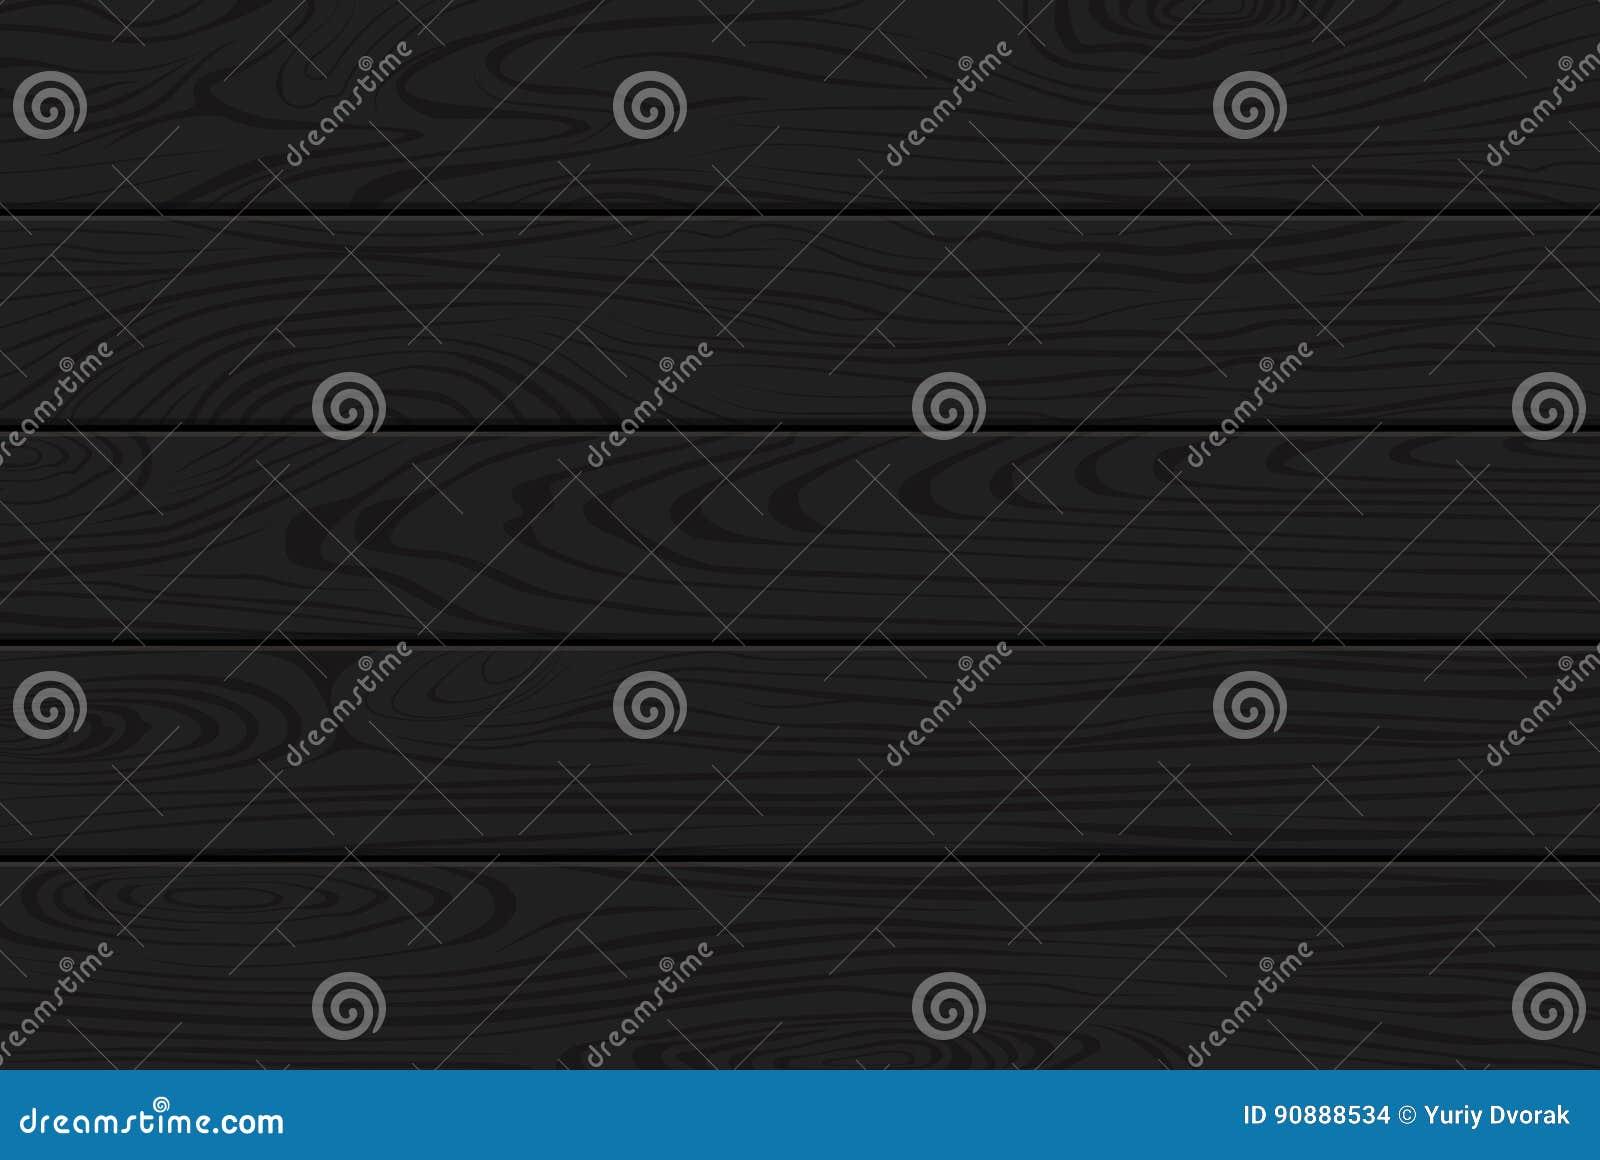 黑色纹理木头 背景黑暗自然木 乌木,墨黑的木头 顶视图 传染媒介板条纹理